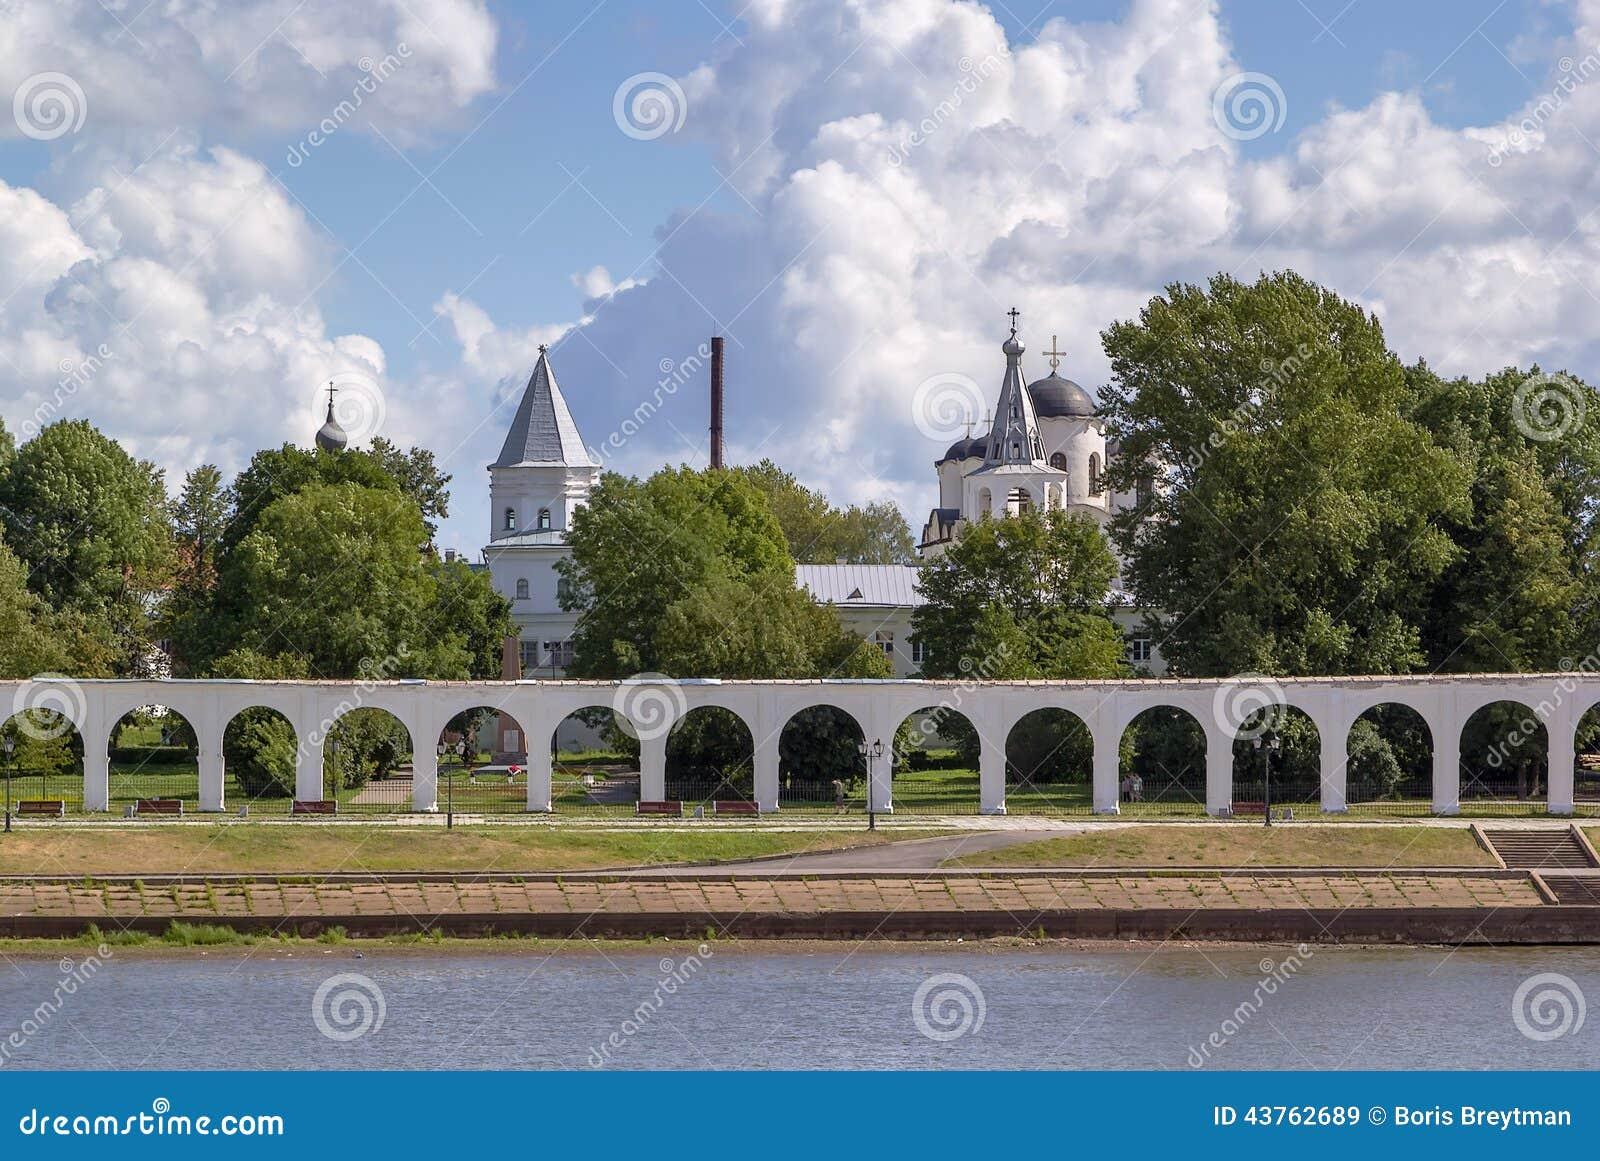 La cour de Yaroslav, Veliky Novgorod